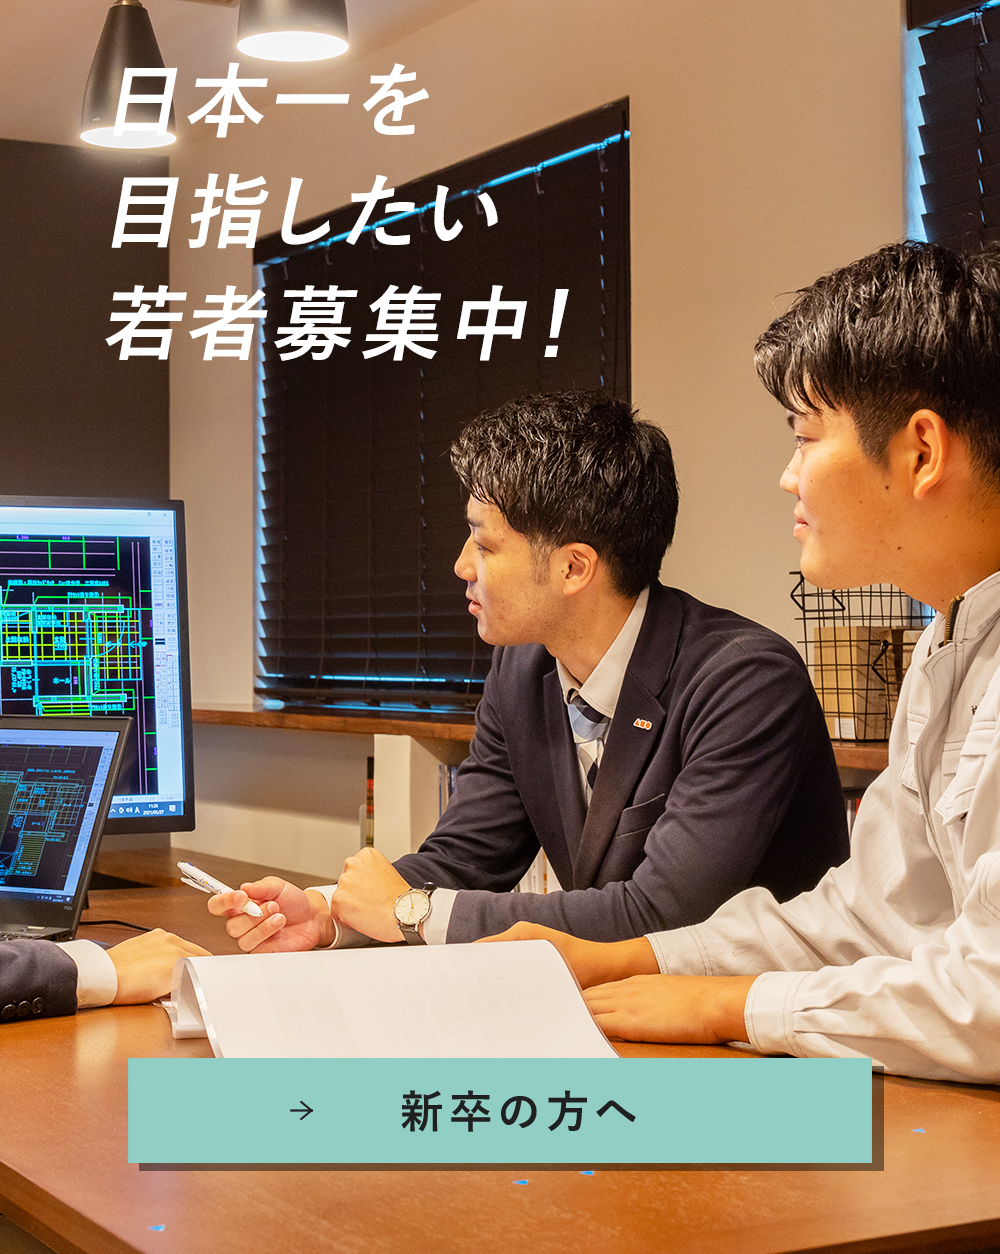 日本一を目指したい若者募集! - 新卒の方へ